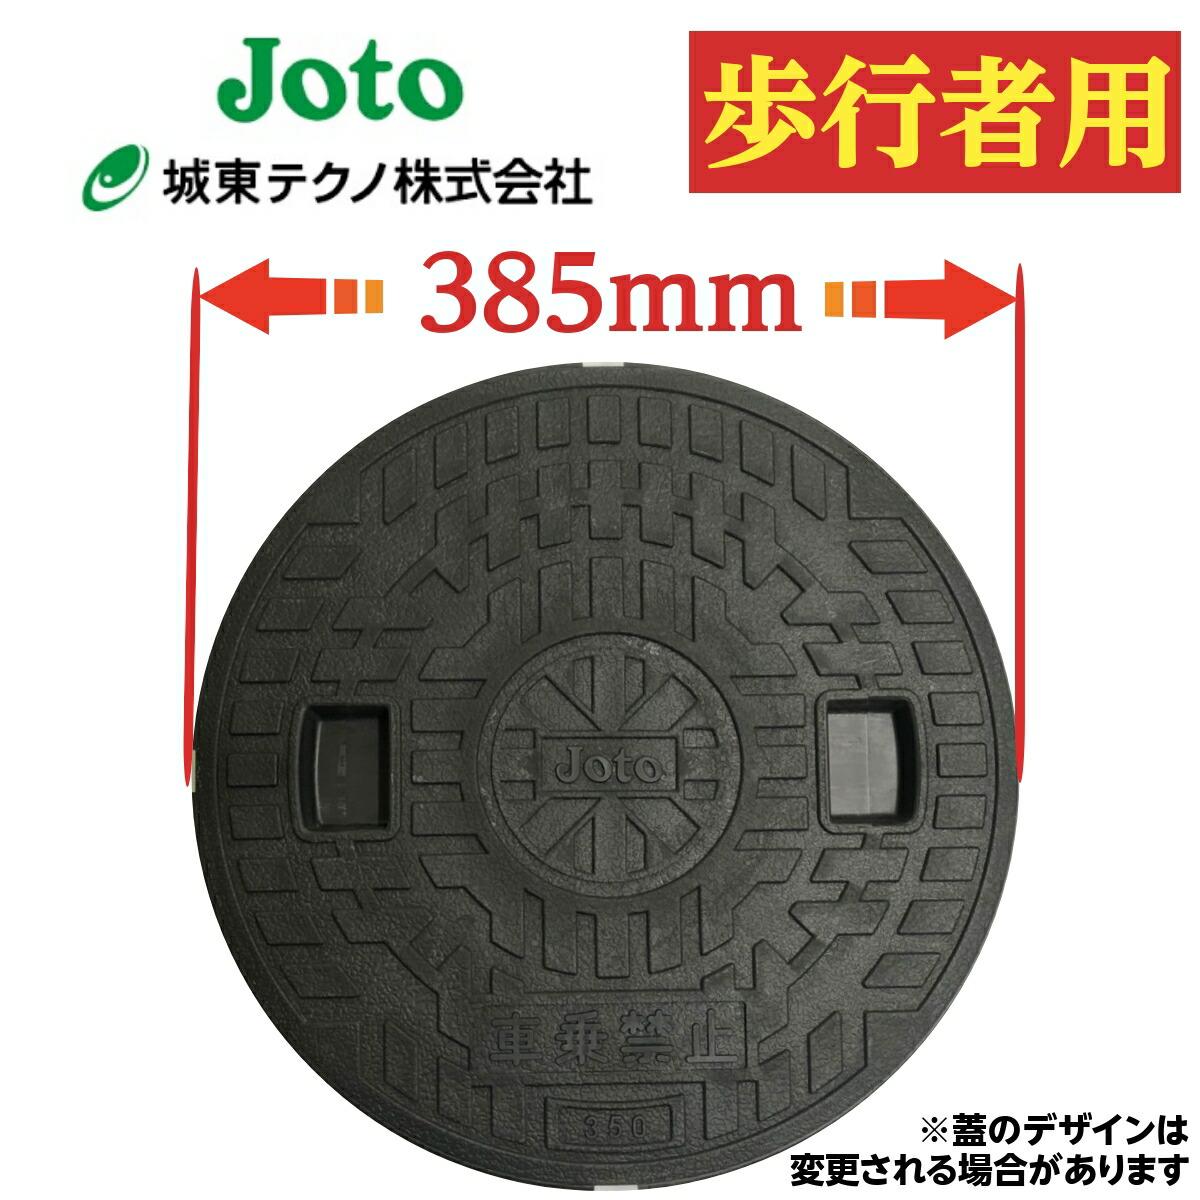 おトク 350φ 直径385mm 安全荷重250kg 城東製 耐荷重1000kg JOTO製マンホール 錆びない 黒 浄化槽 蓋 JOTO 蓋のみ ふた フタ �の新作